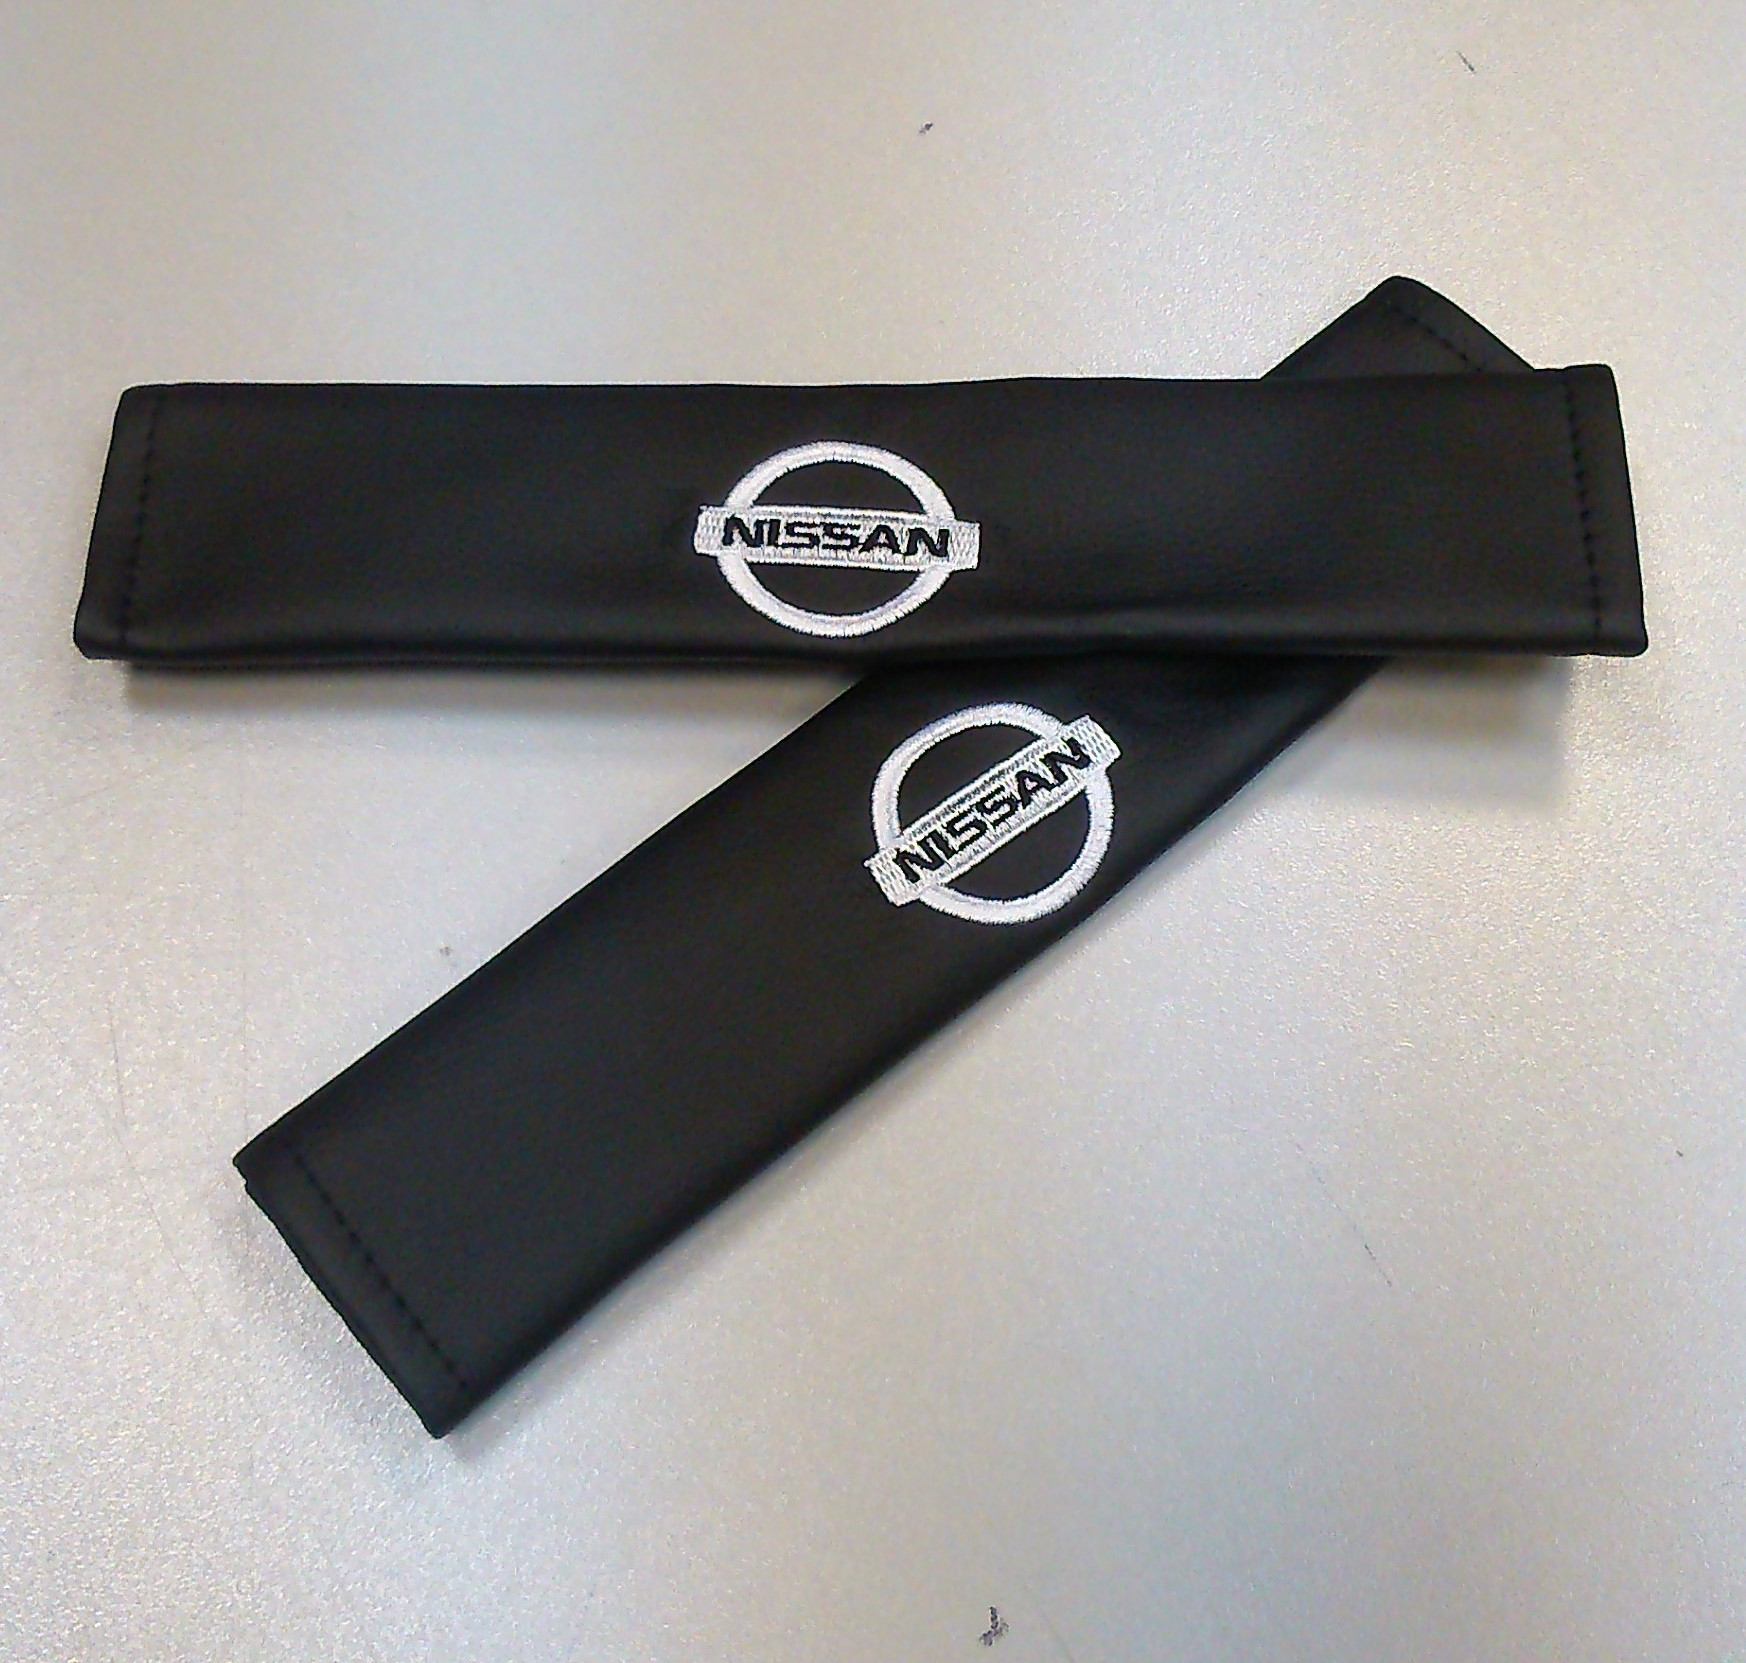 Накладки на ремень безопасности Auto Premium Nissan, 2 шт рюкзаки gulliver накладка на ремень безопасности поли